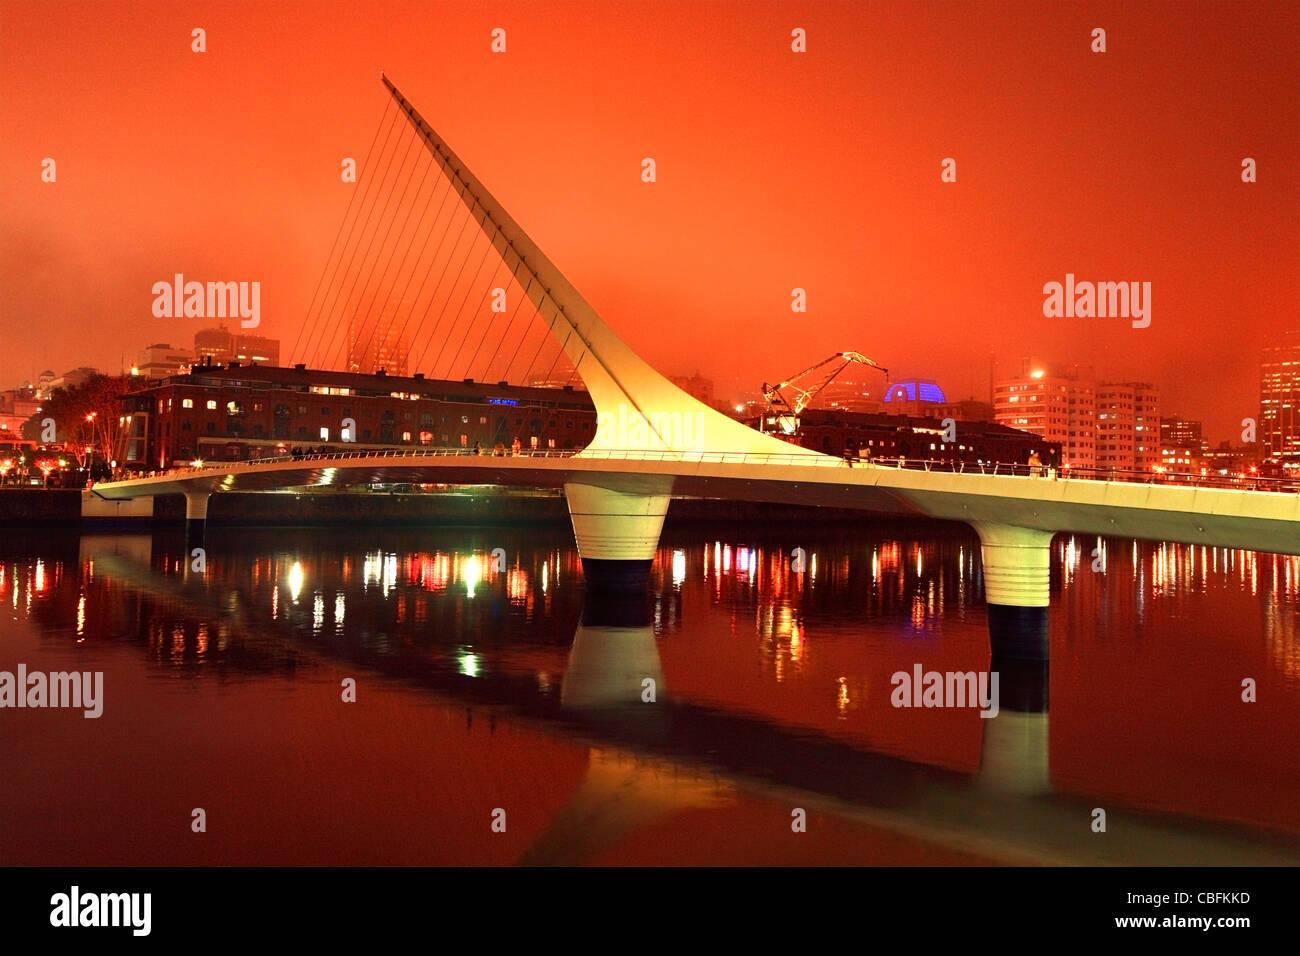 Puente de la mujer vista al atardecer naranja tormentoso, con la silueta de la ciudad en el fondo. Imagen De Stock